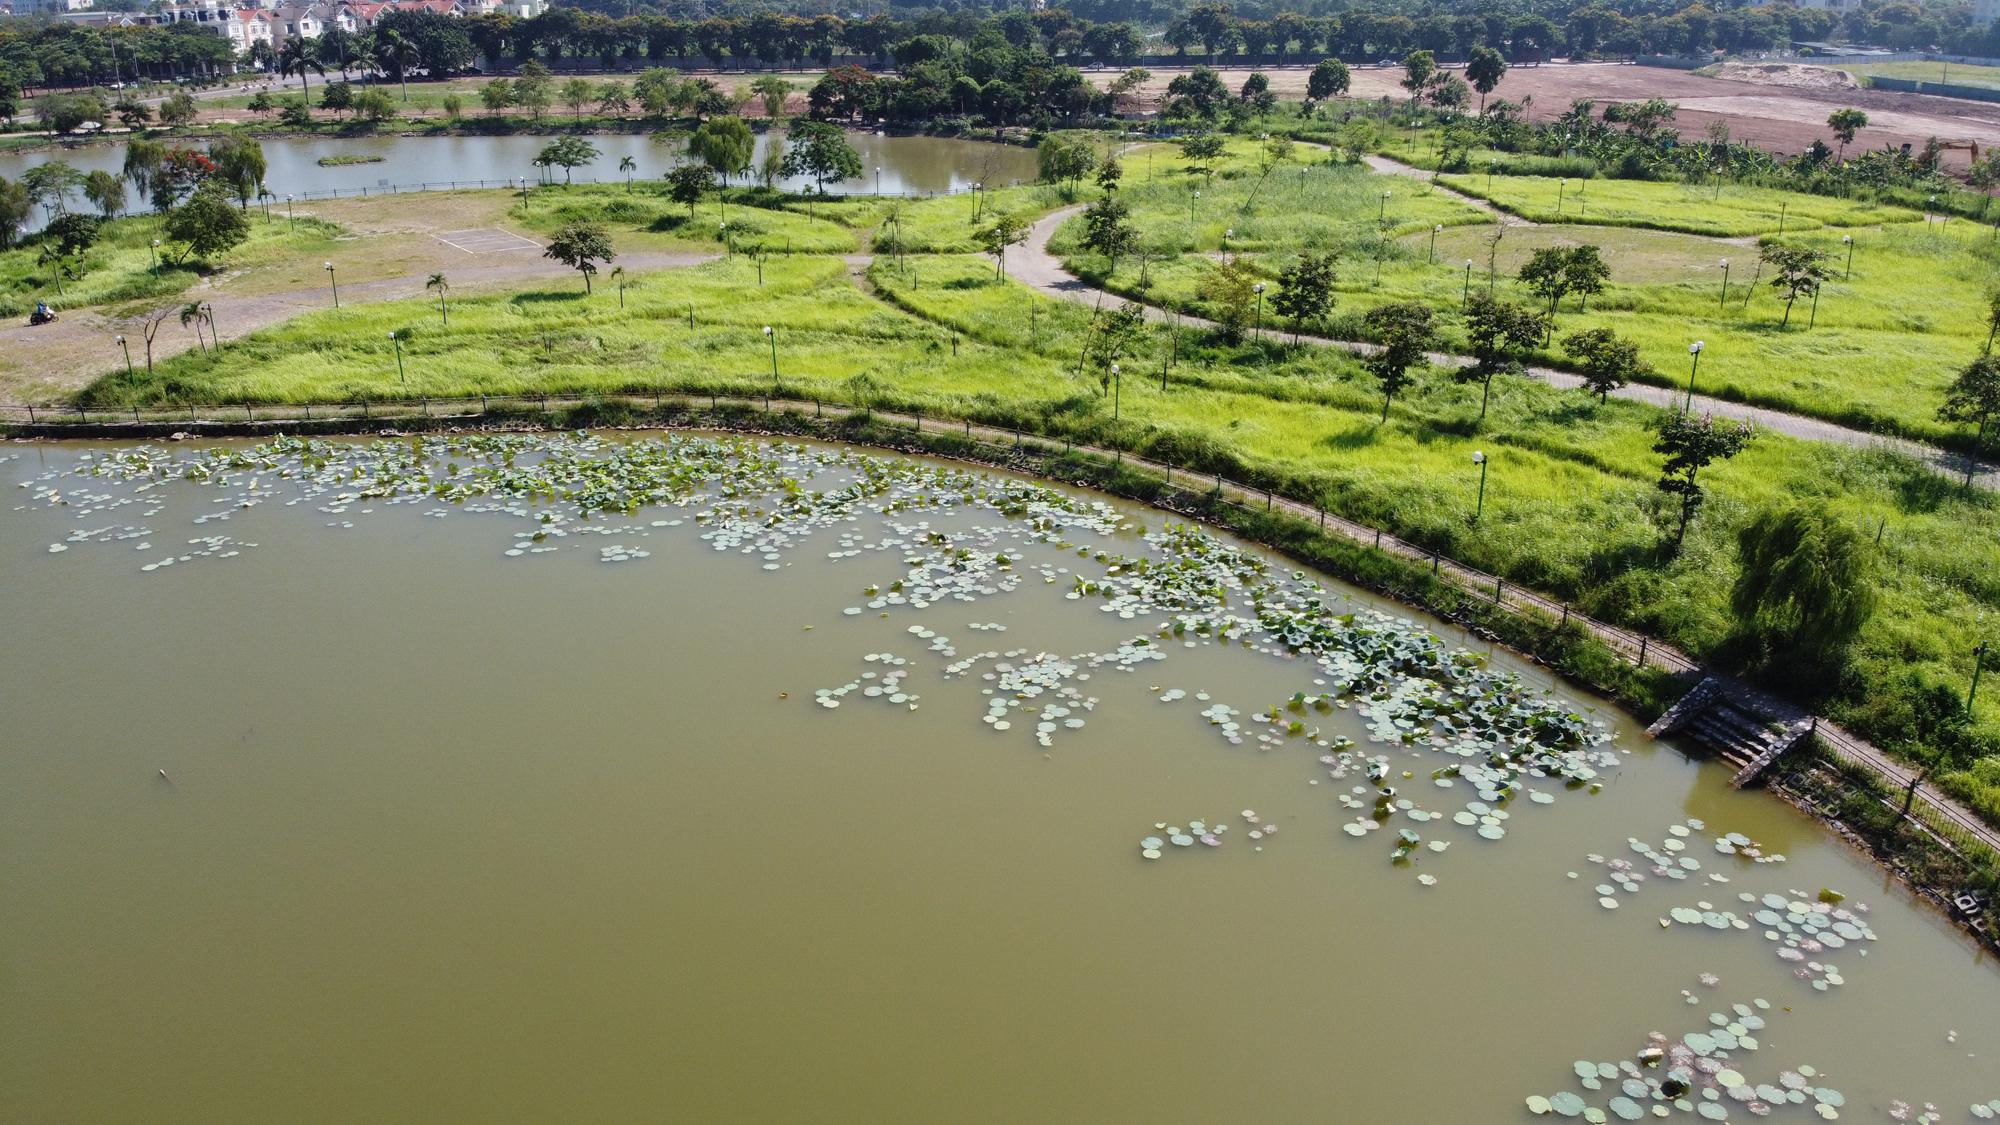 Chờ dự án cải tạo, công viên CV-02 Khu đô thị mới Việt Hưng như cánh đồng hoang - Ảnh 5.